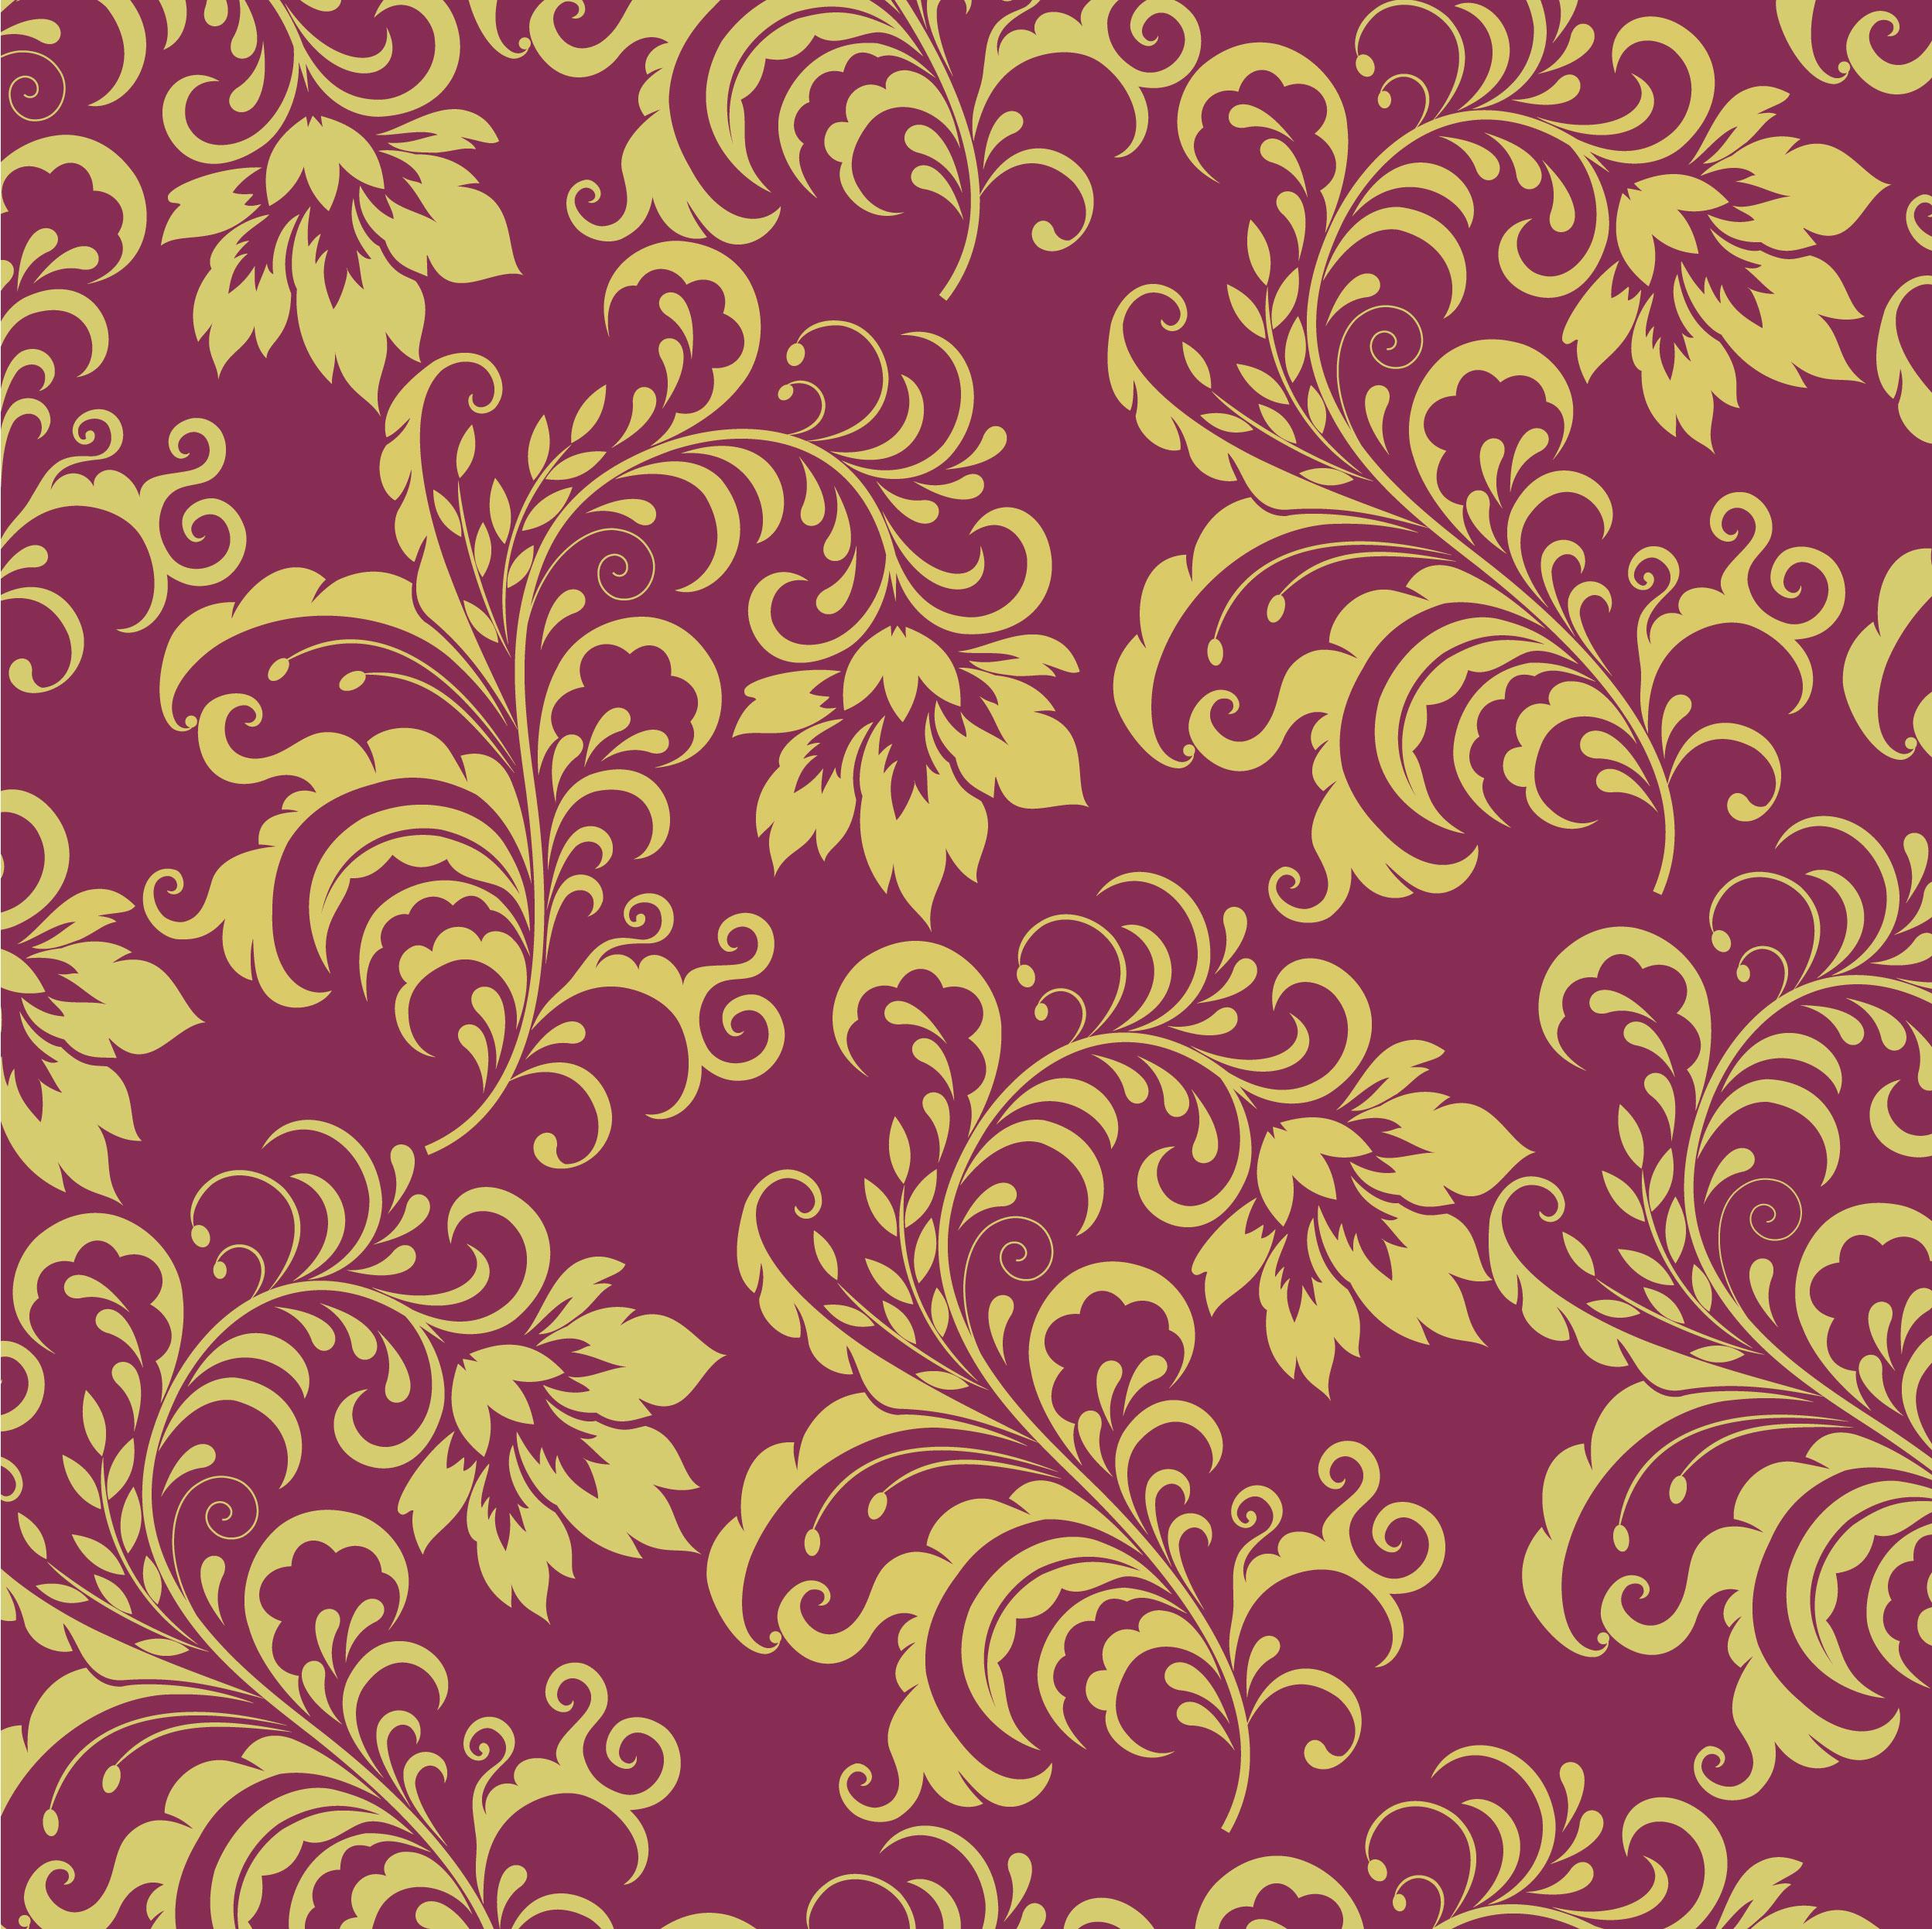 壁紙・背景イラスト/花の模様・柄・パターン No.021『茶・紫・茎葉』